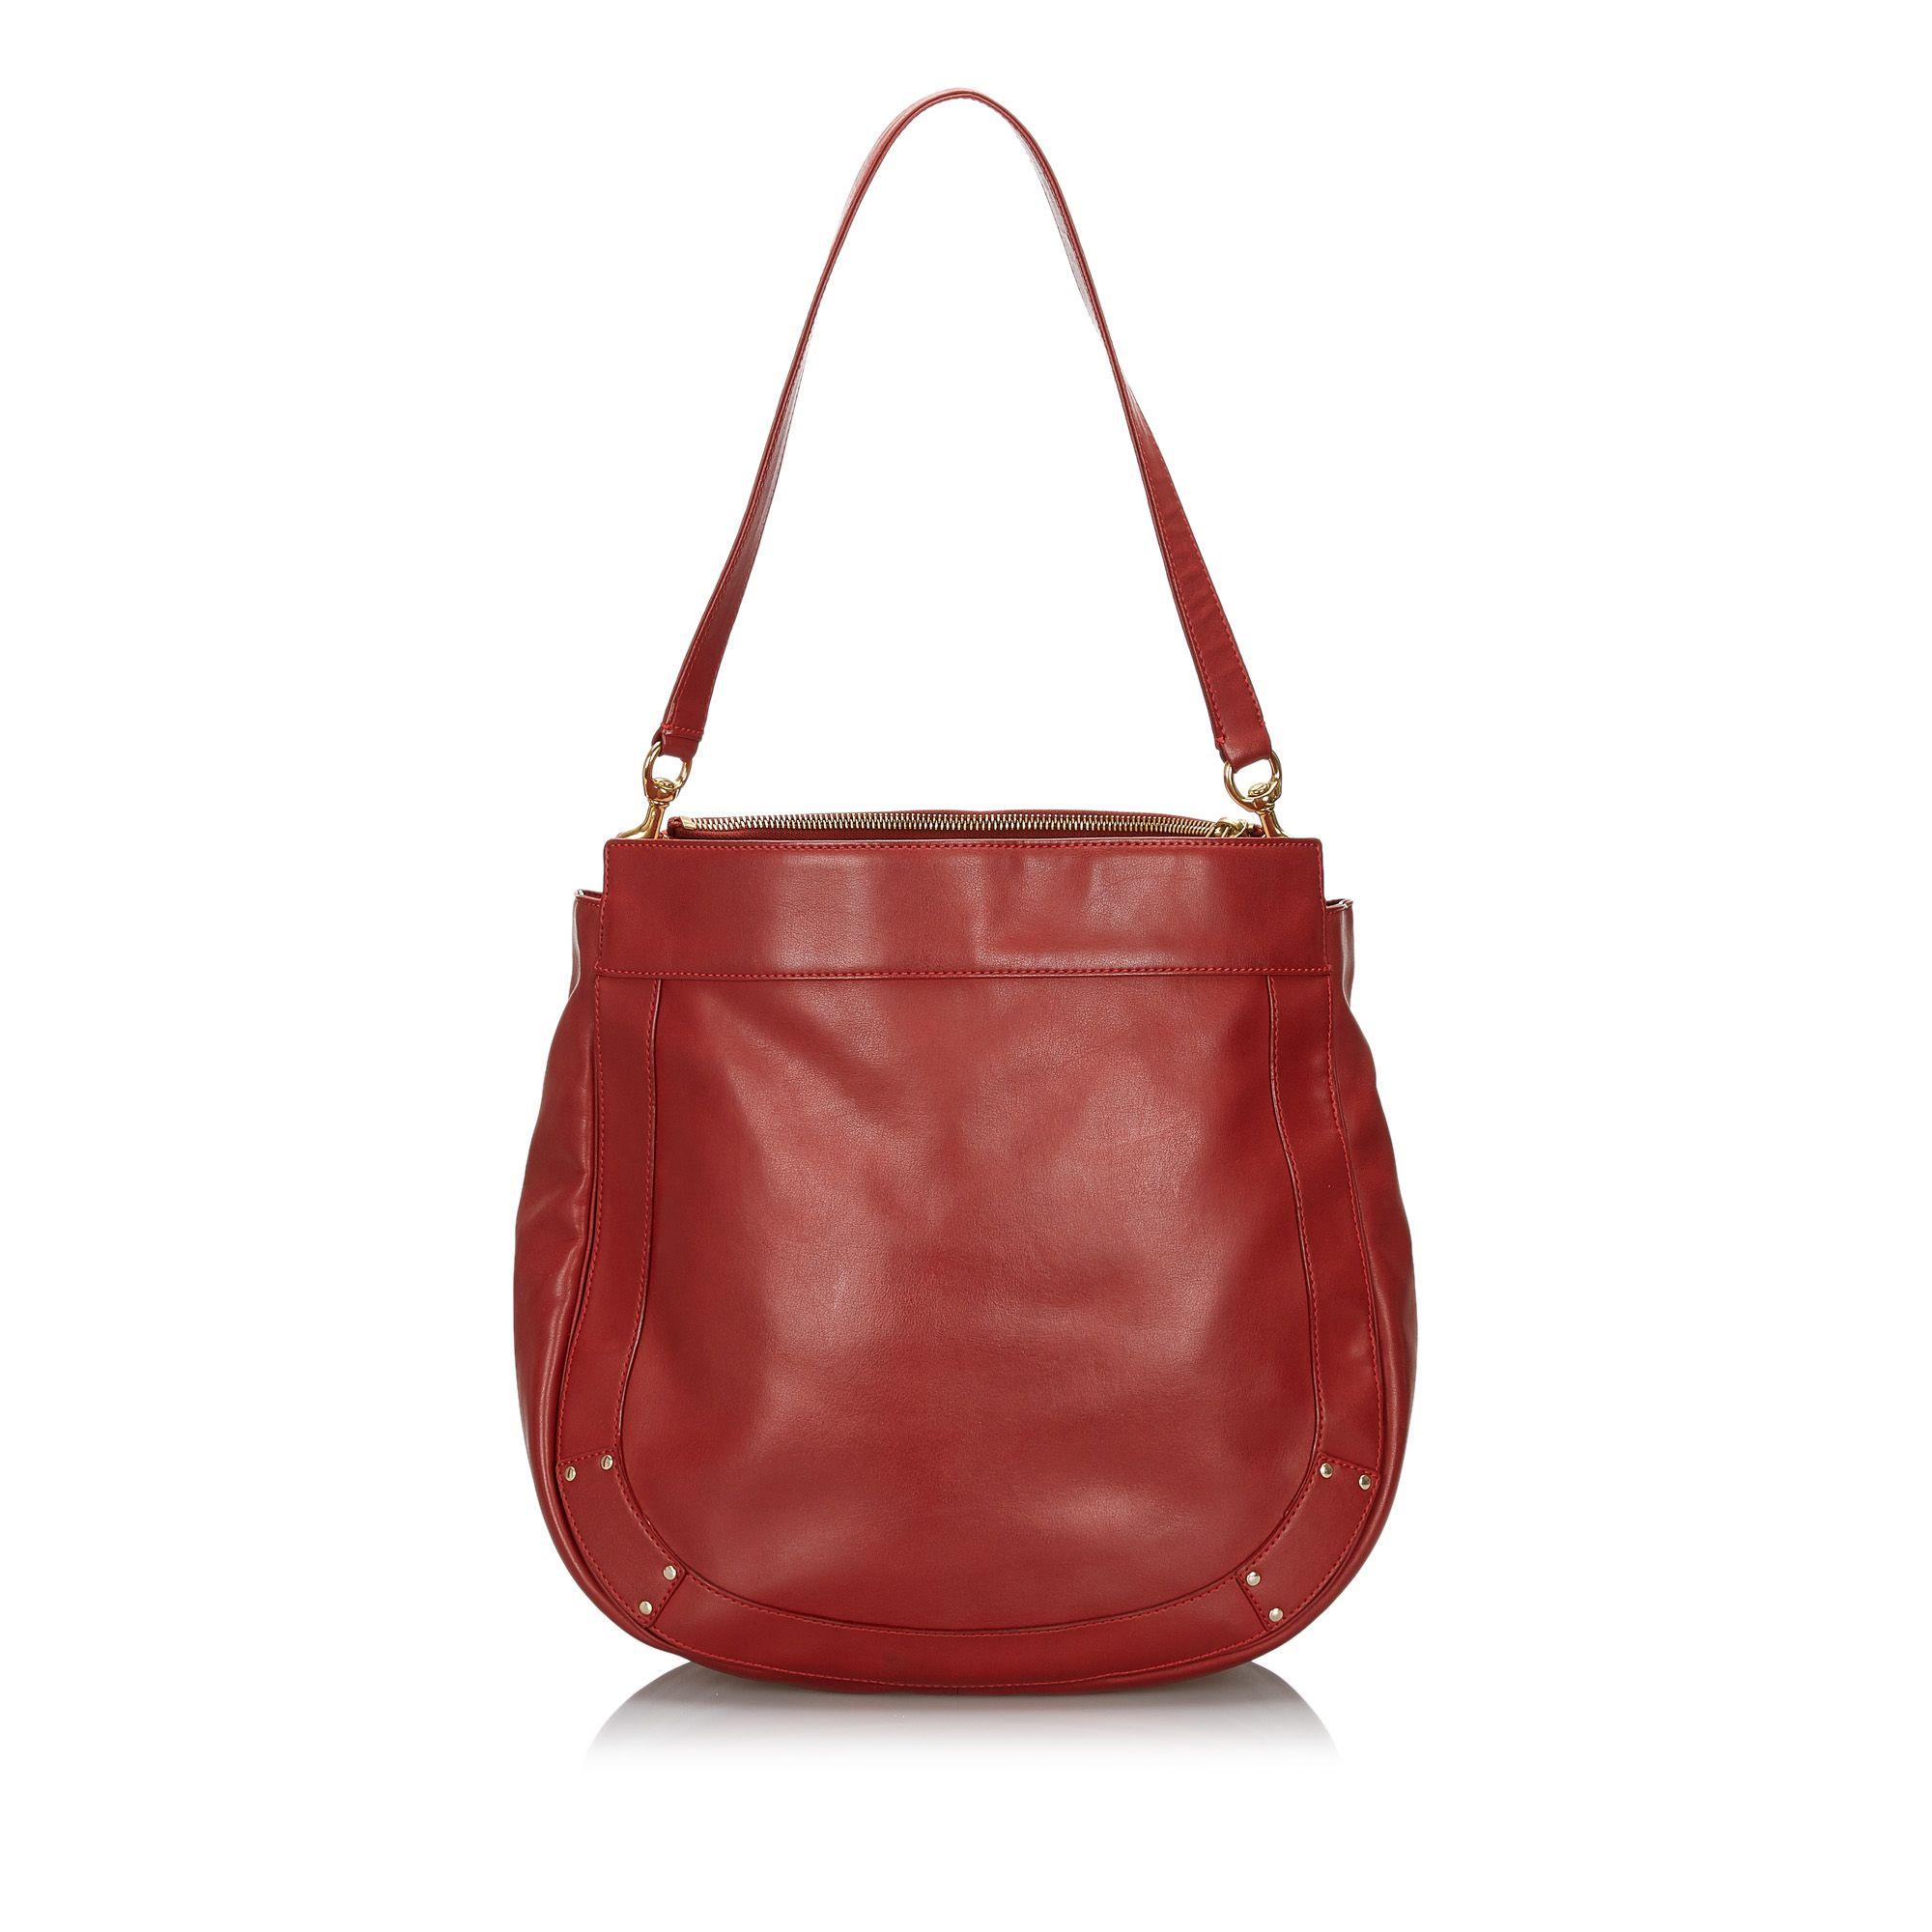 Vintage Chloe Leather Eden Tote Bag Red